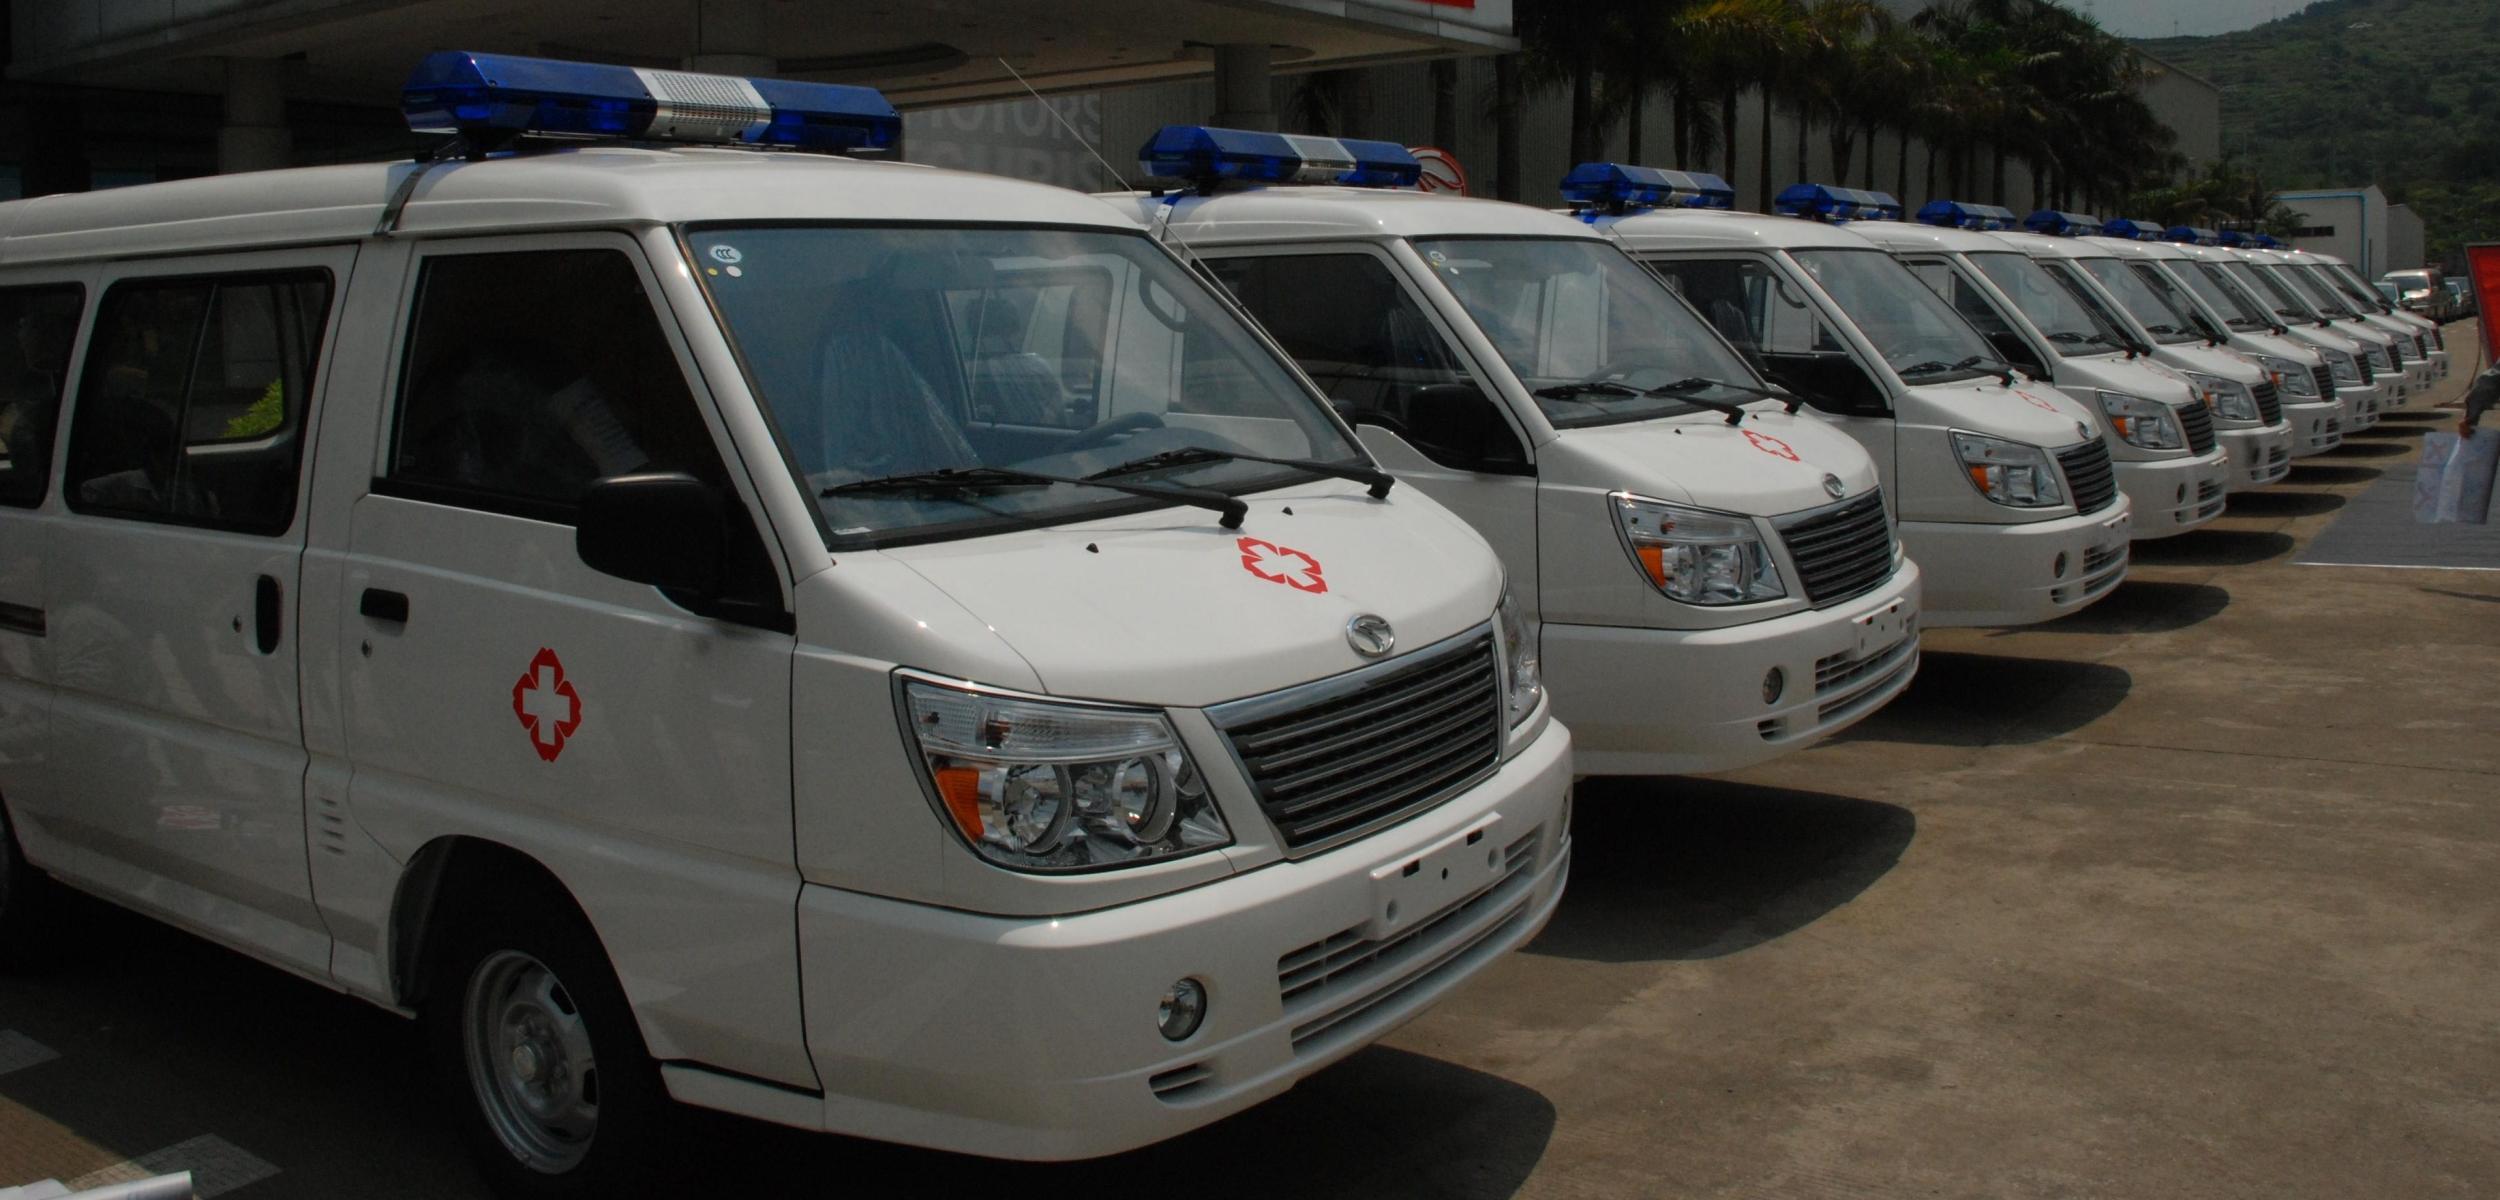 心系雅安 东南汽车向灾区捐赠救护车高清图片